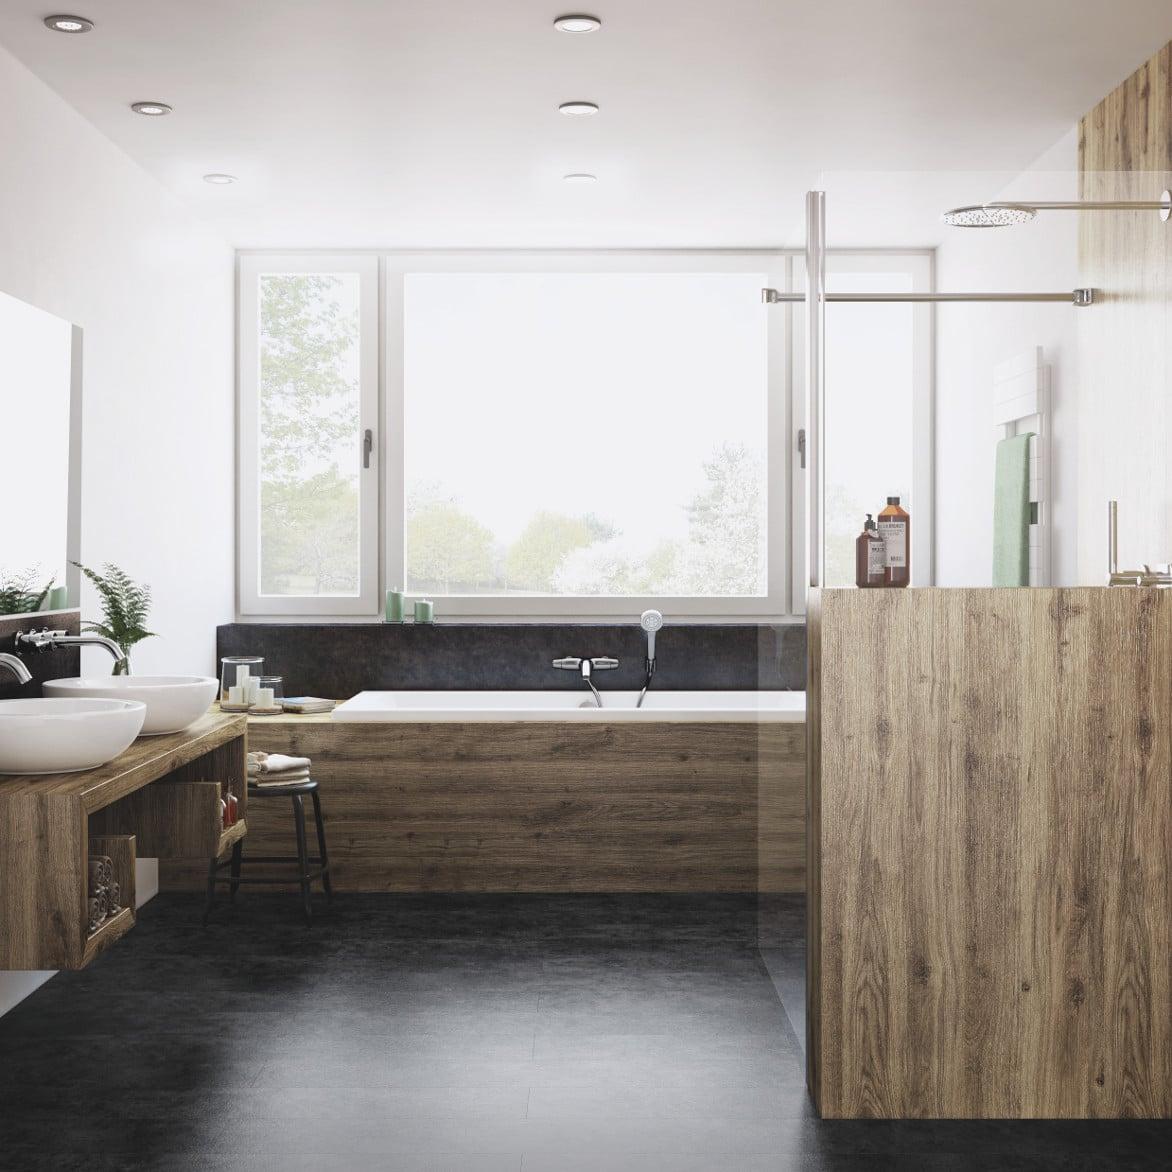 Full Size of Dusche Wand Glasabtrennung Regal Ohne Rückwand Ebenerdige Kosten Bodengleiche Nachträglich Einbauen Begehbare Tür Wandtattoo Küche Schrankwand Wohnzimmer Dusche Dusche Wand